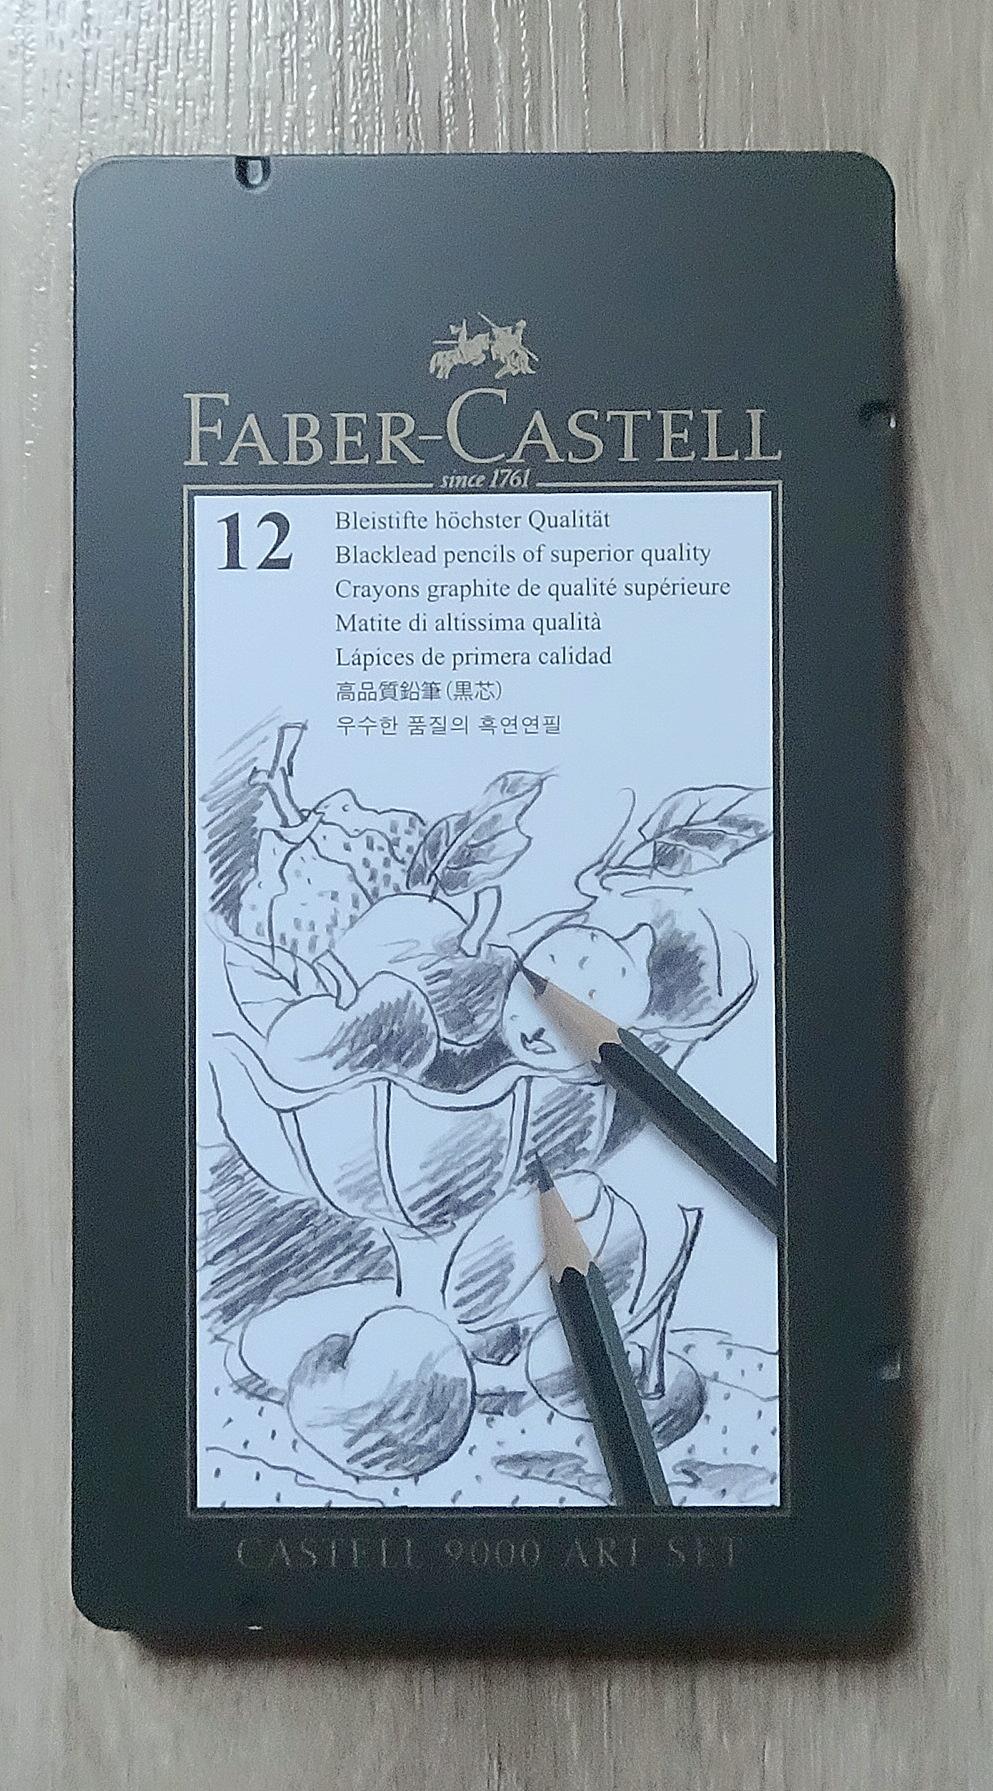 Faber Castell Castell 9000 Art set